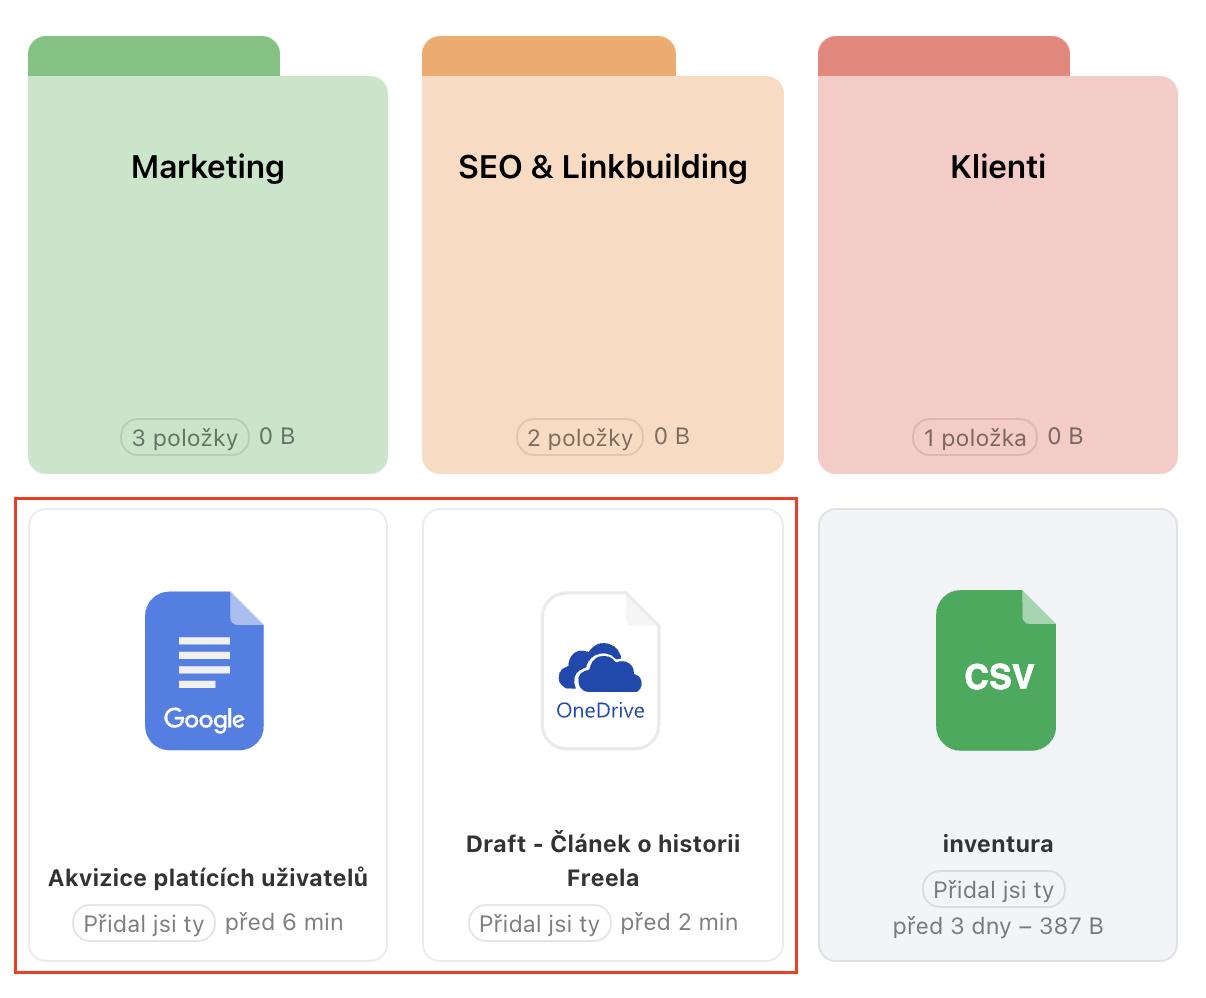 Ukázka sekce Souborů s přidanými odkazy na cloudové služby Google a OneDrive.